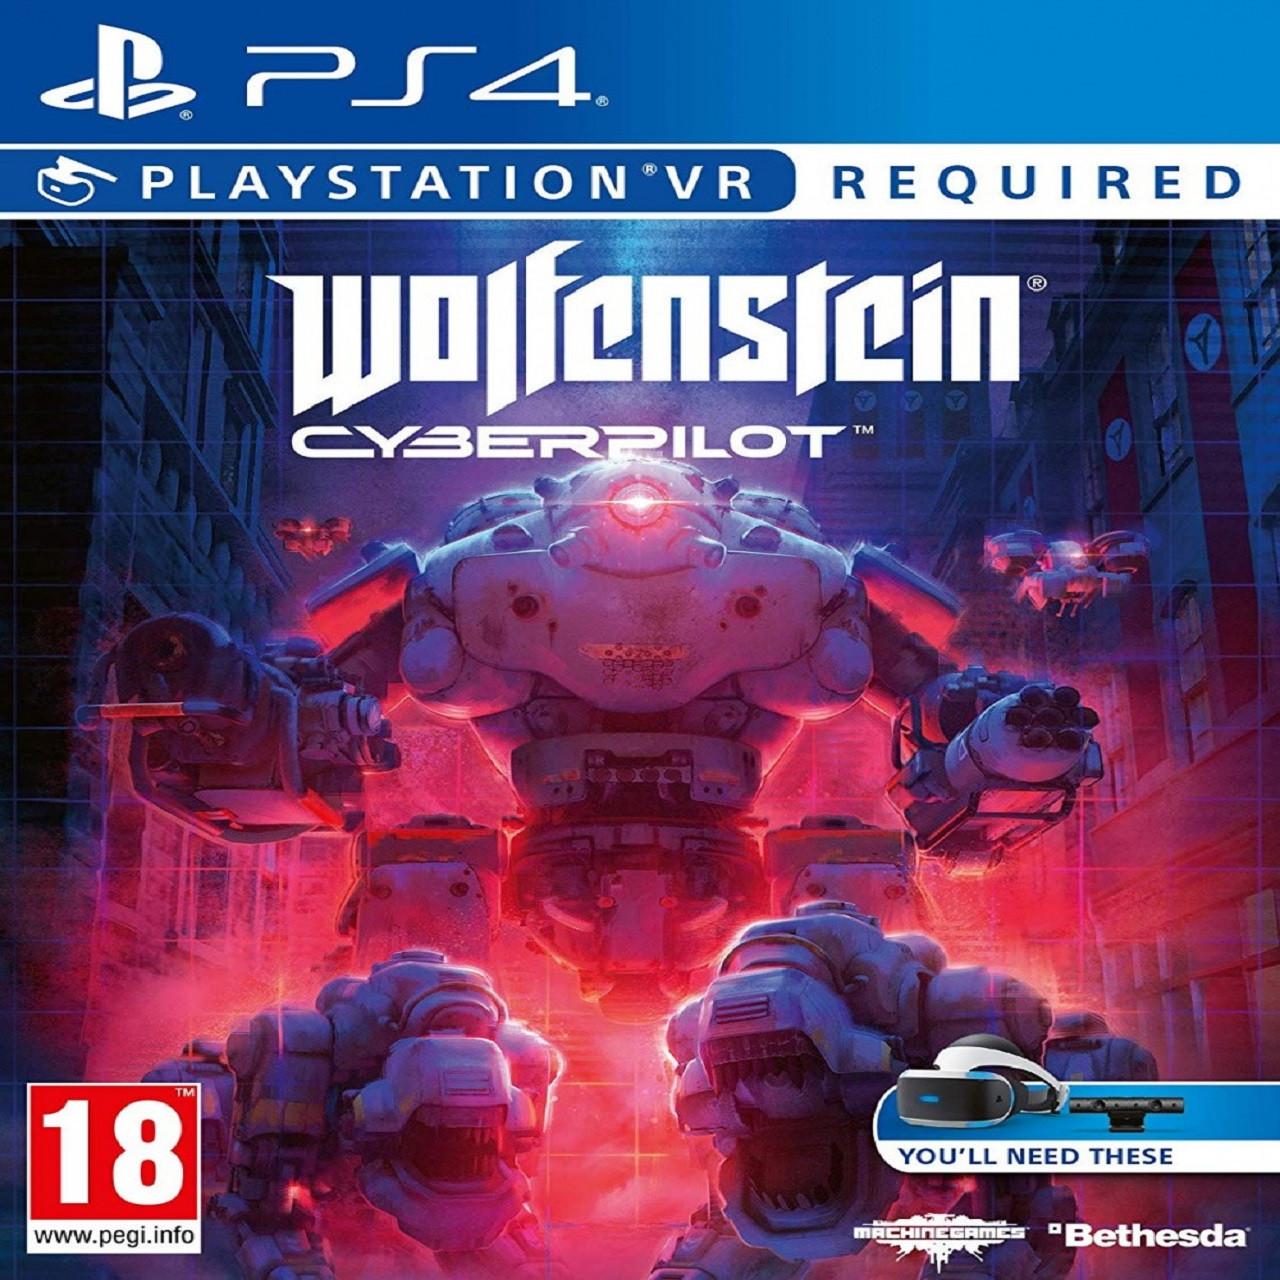 Wolfenstein Cyberpilot VR RUS PS4